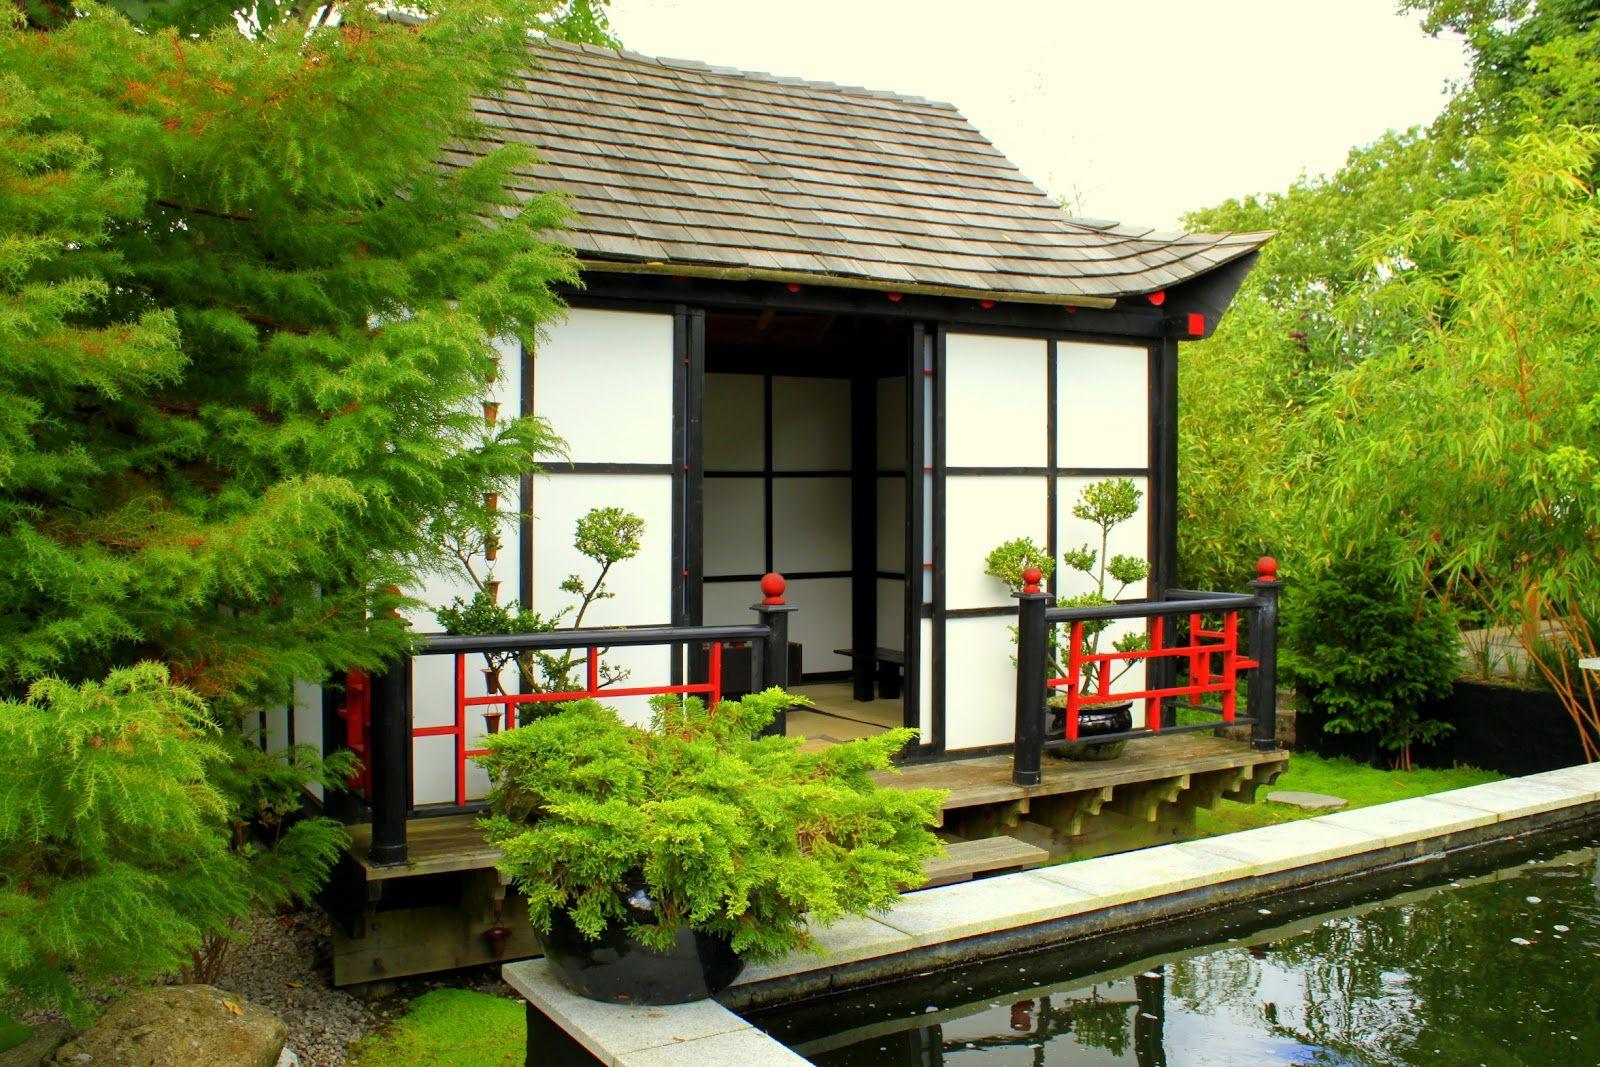 Japanese+Garden+Tea+House Japanese Garden La Vie en